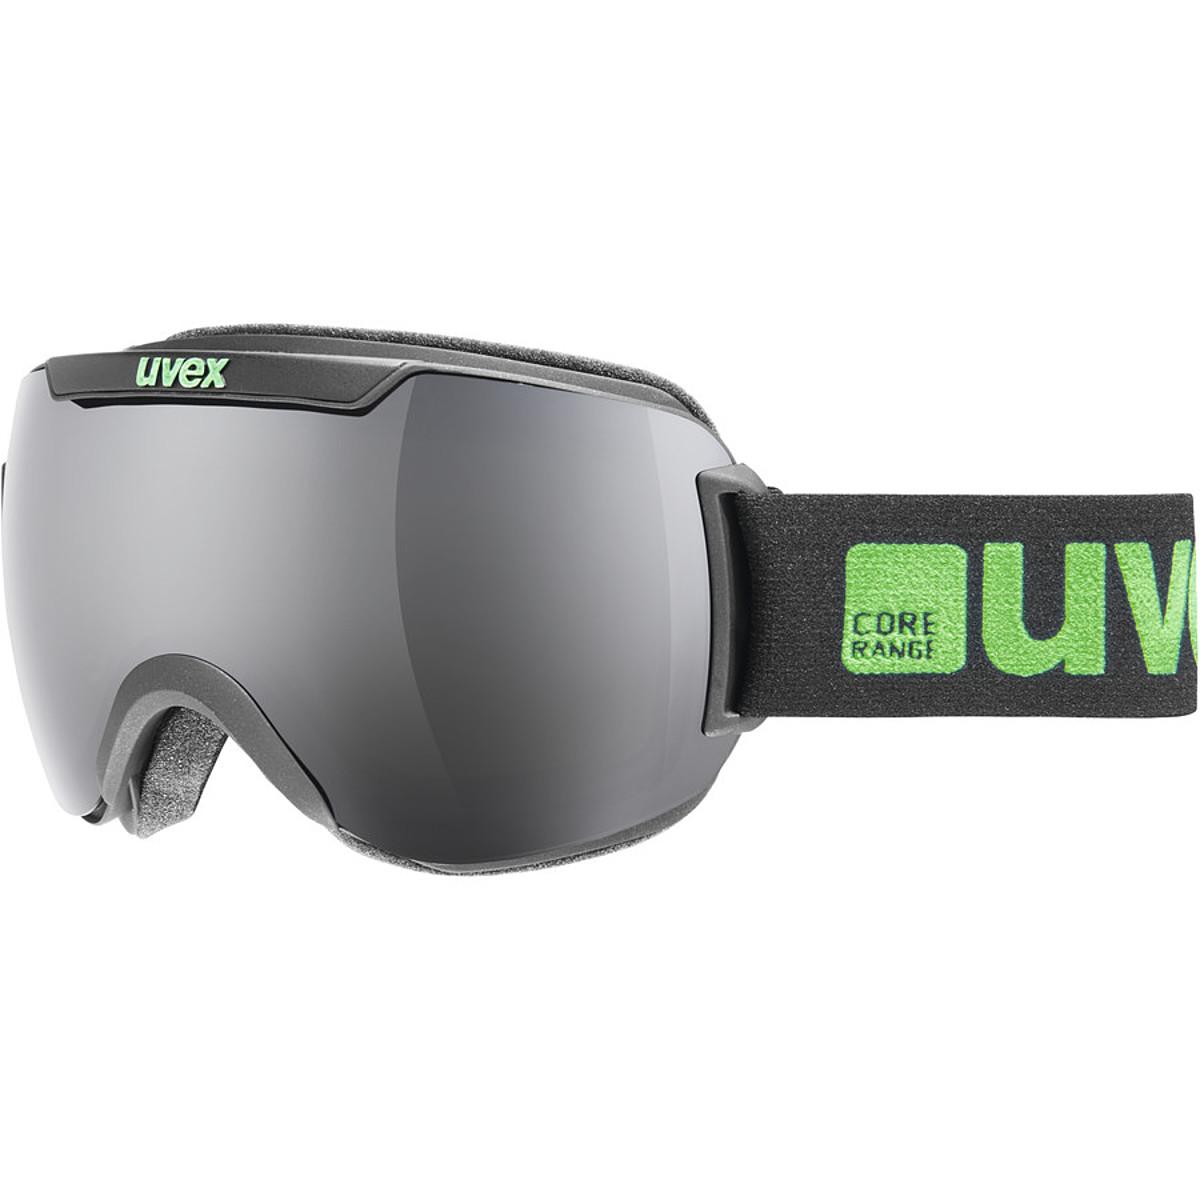 Uvex Downhill 2000 Goggle